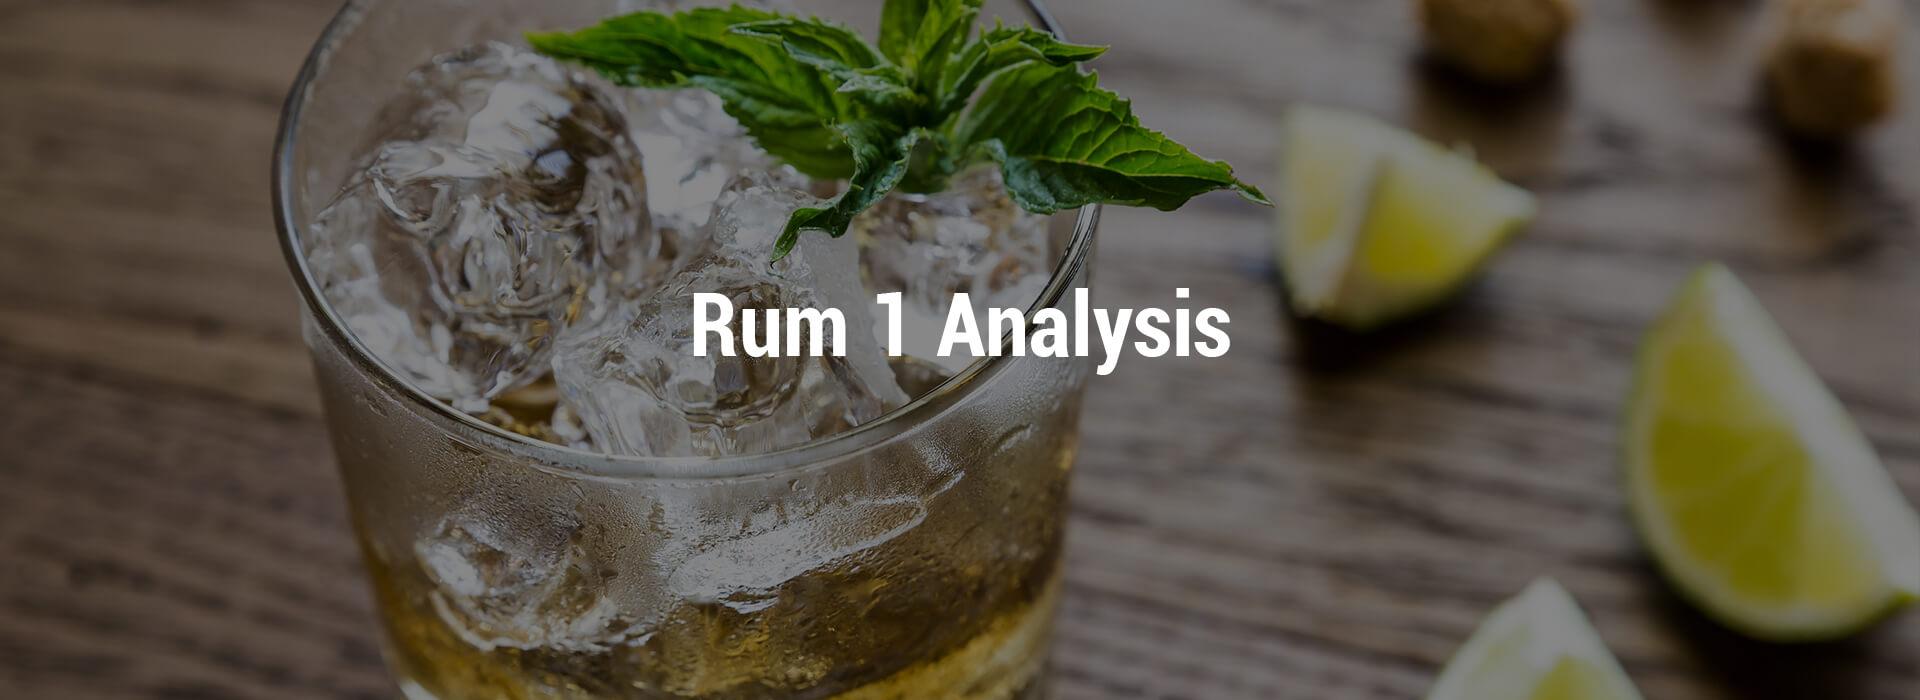 LVHS-Rum-1-header